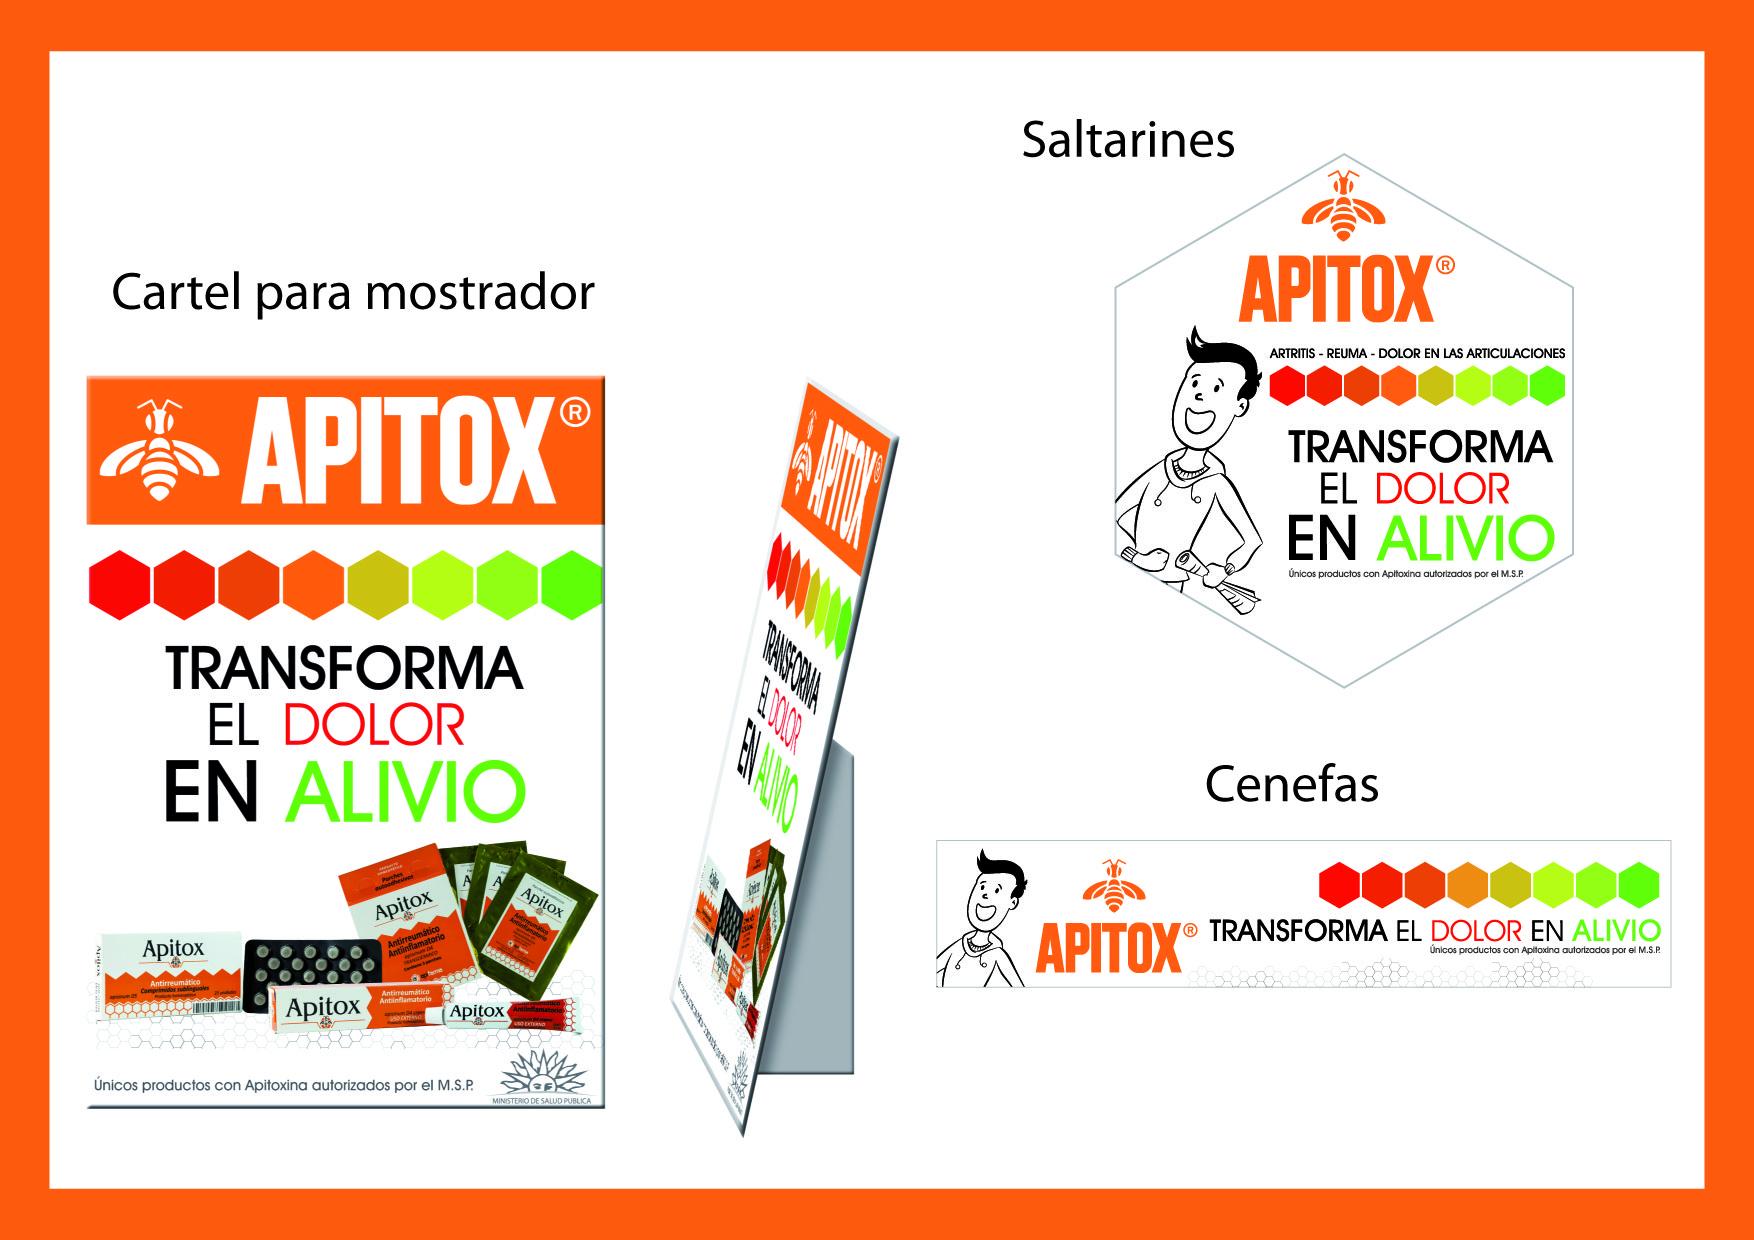 Apitox